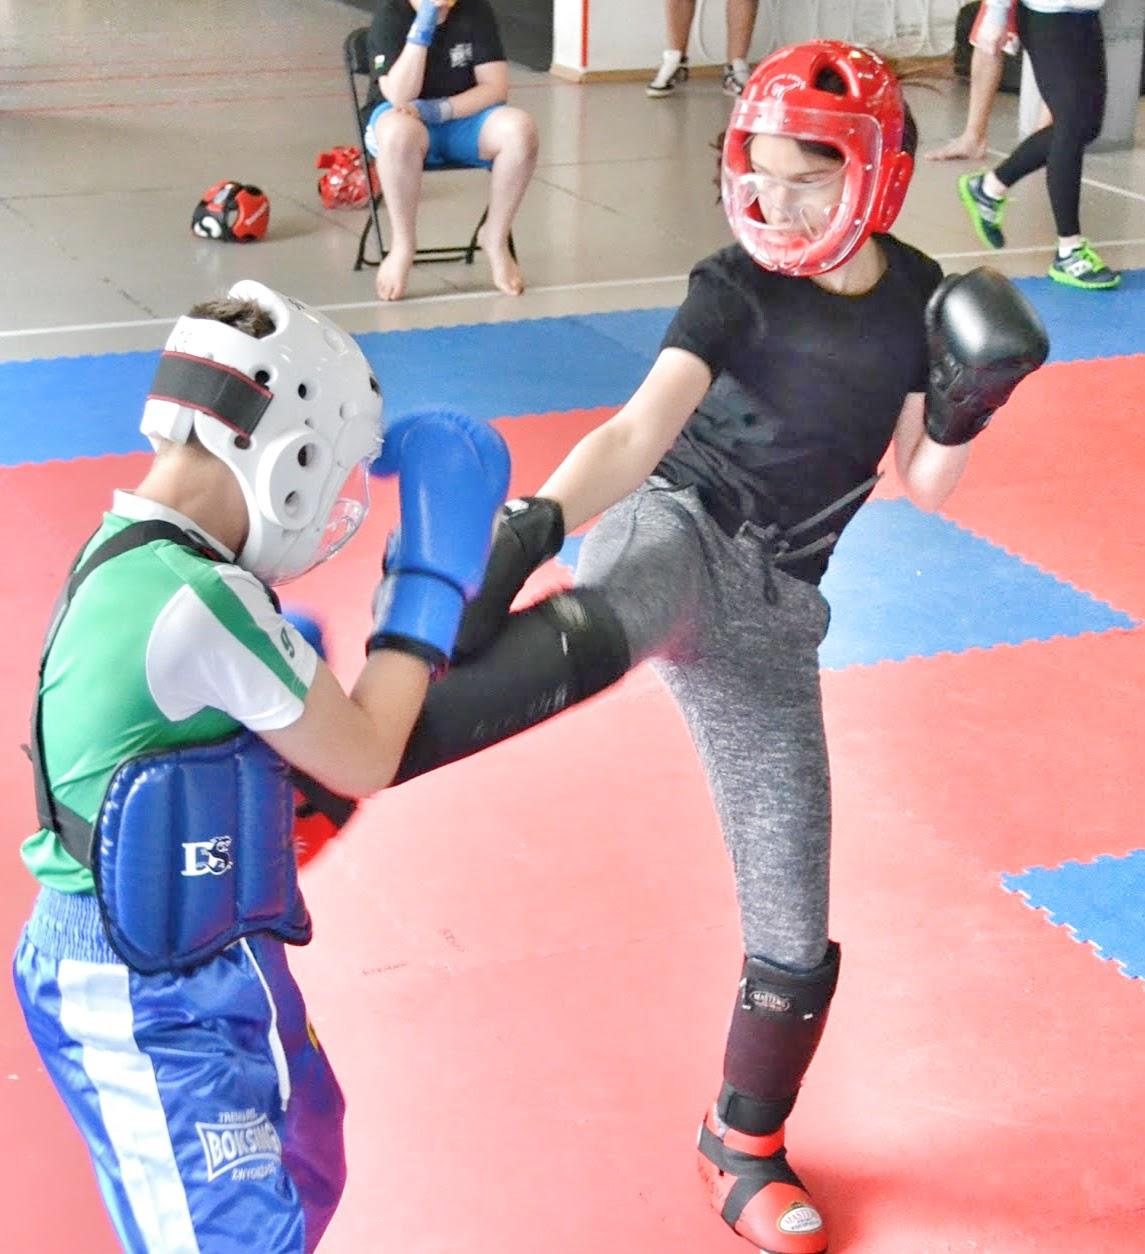 gimnazjum, kickboxing, nabór, opieka trenerska, rywalizacja, trening dla dziewcząt, walka, emilia.pro, liceum,gimbaza,sport,ring, kobiety,